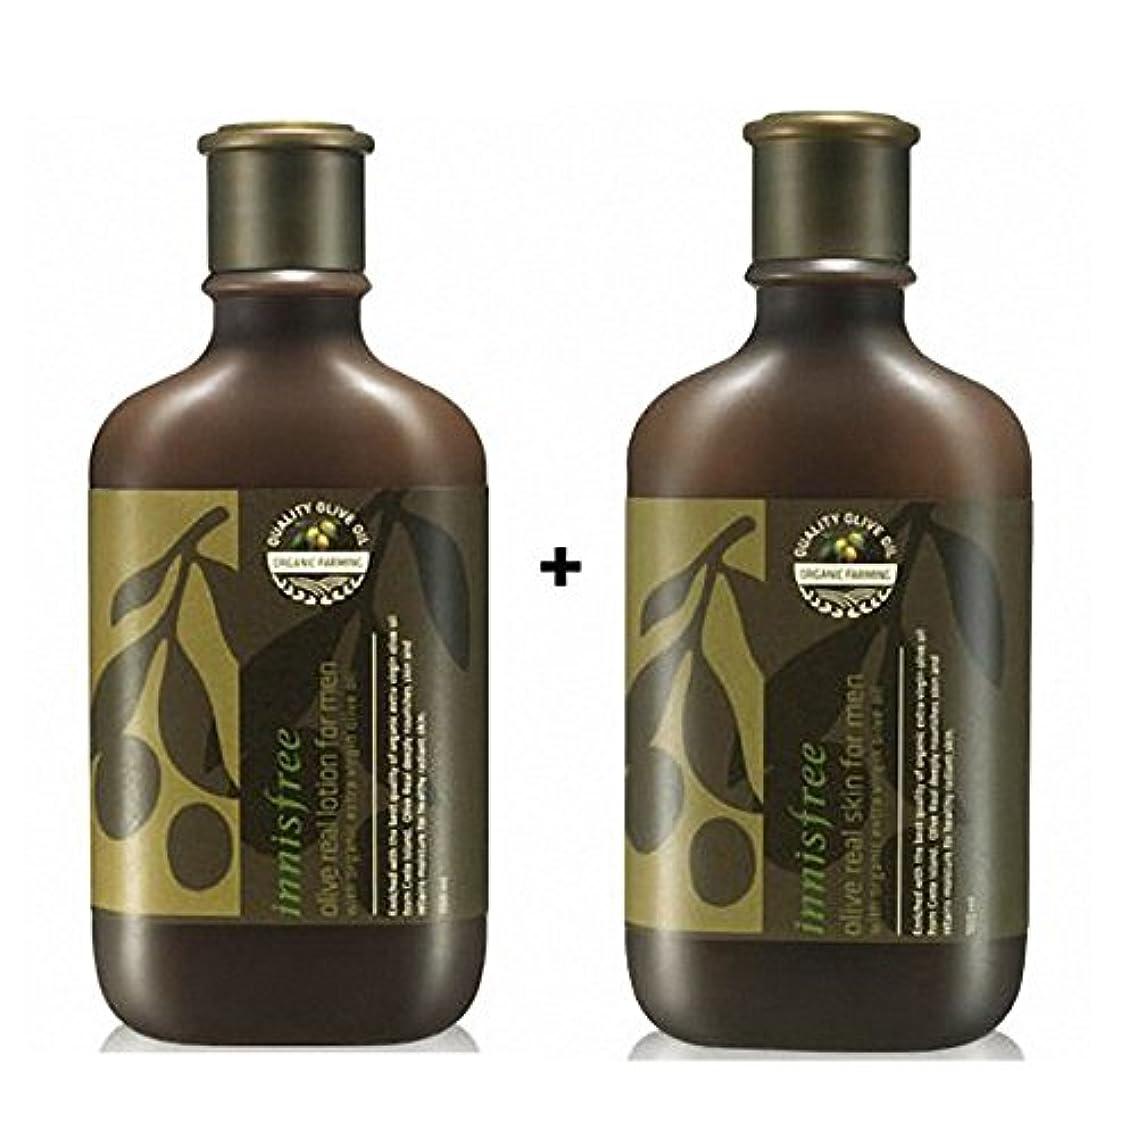 がんばり続ける大洪水モチーフ[イニスフリー] Innisfree オリーブリアルローション.スキンフォアマンセット(150ml+150ml) Innisfree Olive Real Lotion.Skin Set  For Men(150ml+150ml...